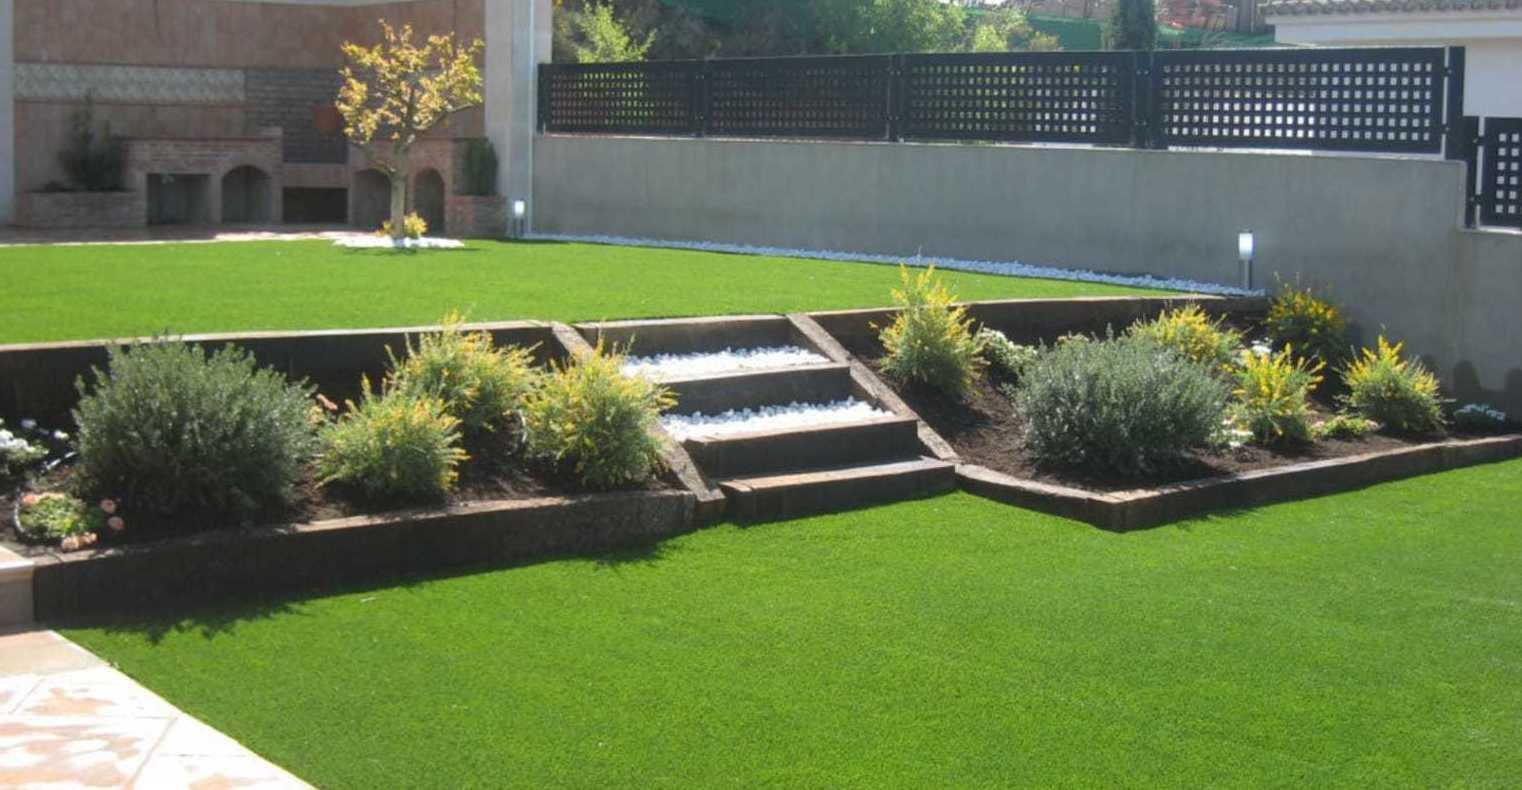 Foto 142 de Diseño y mantenimiento de jardines en  | Ches Pa, S.L.